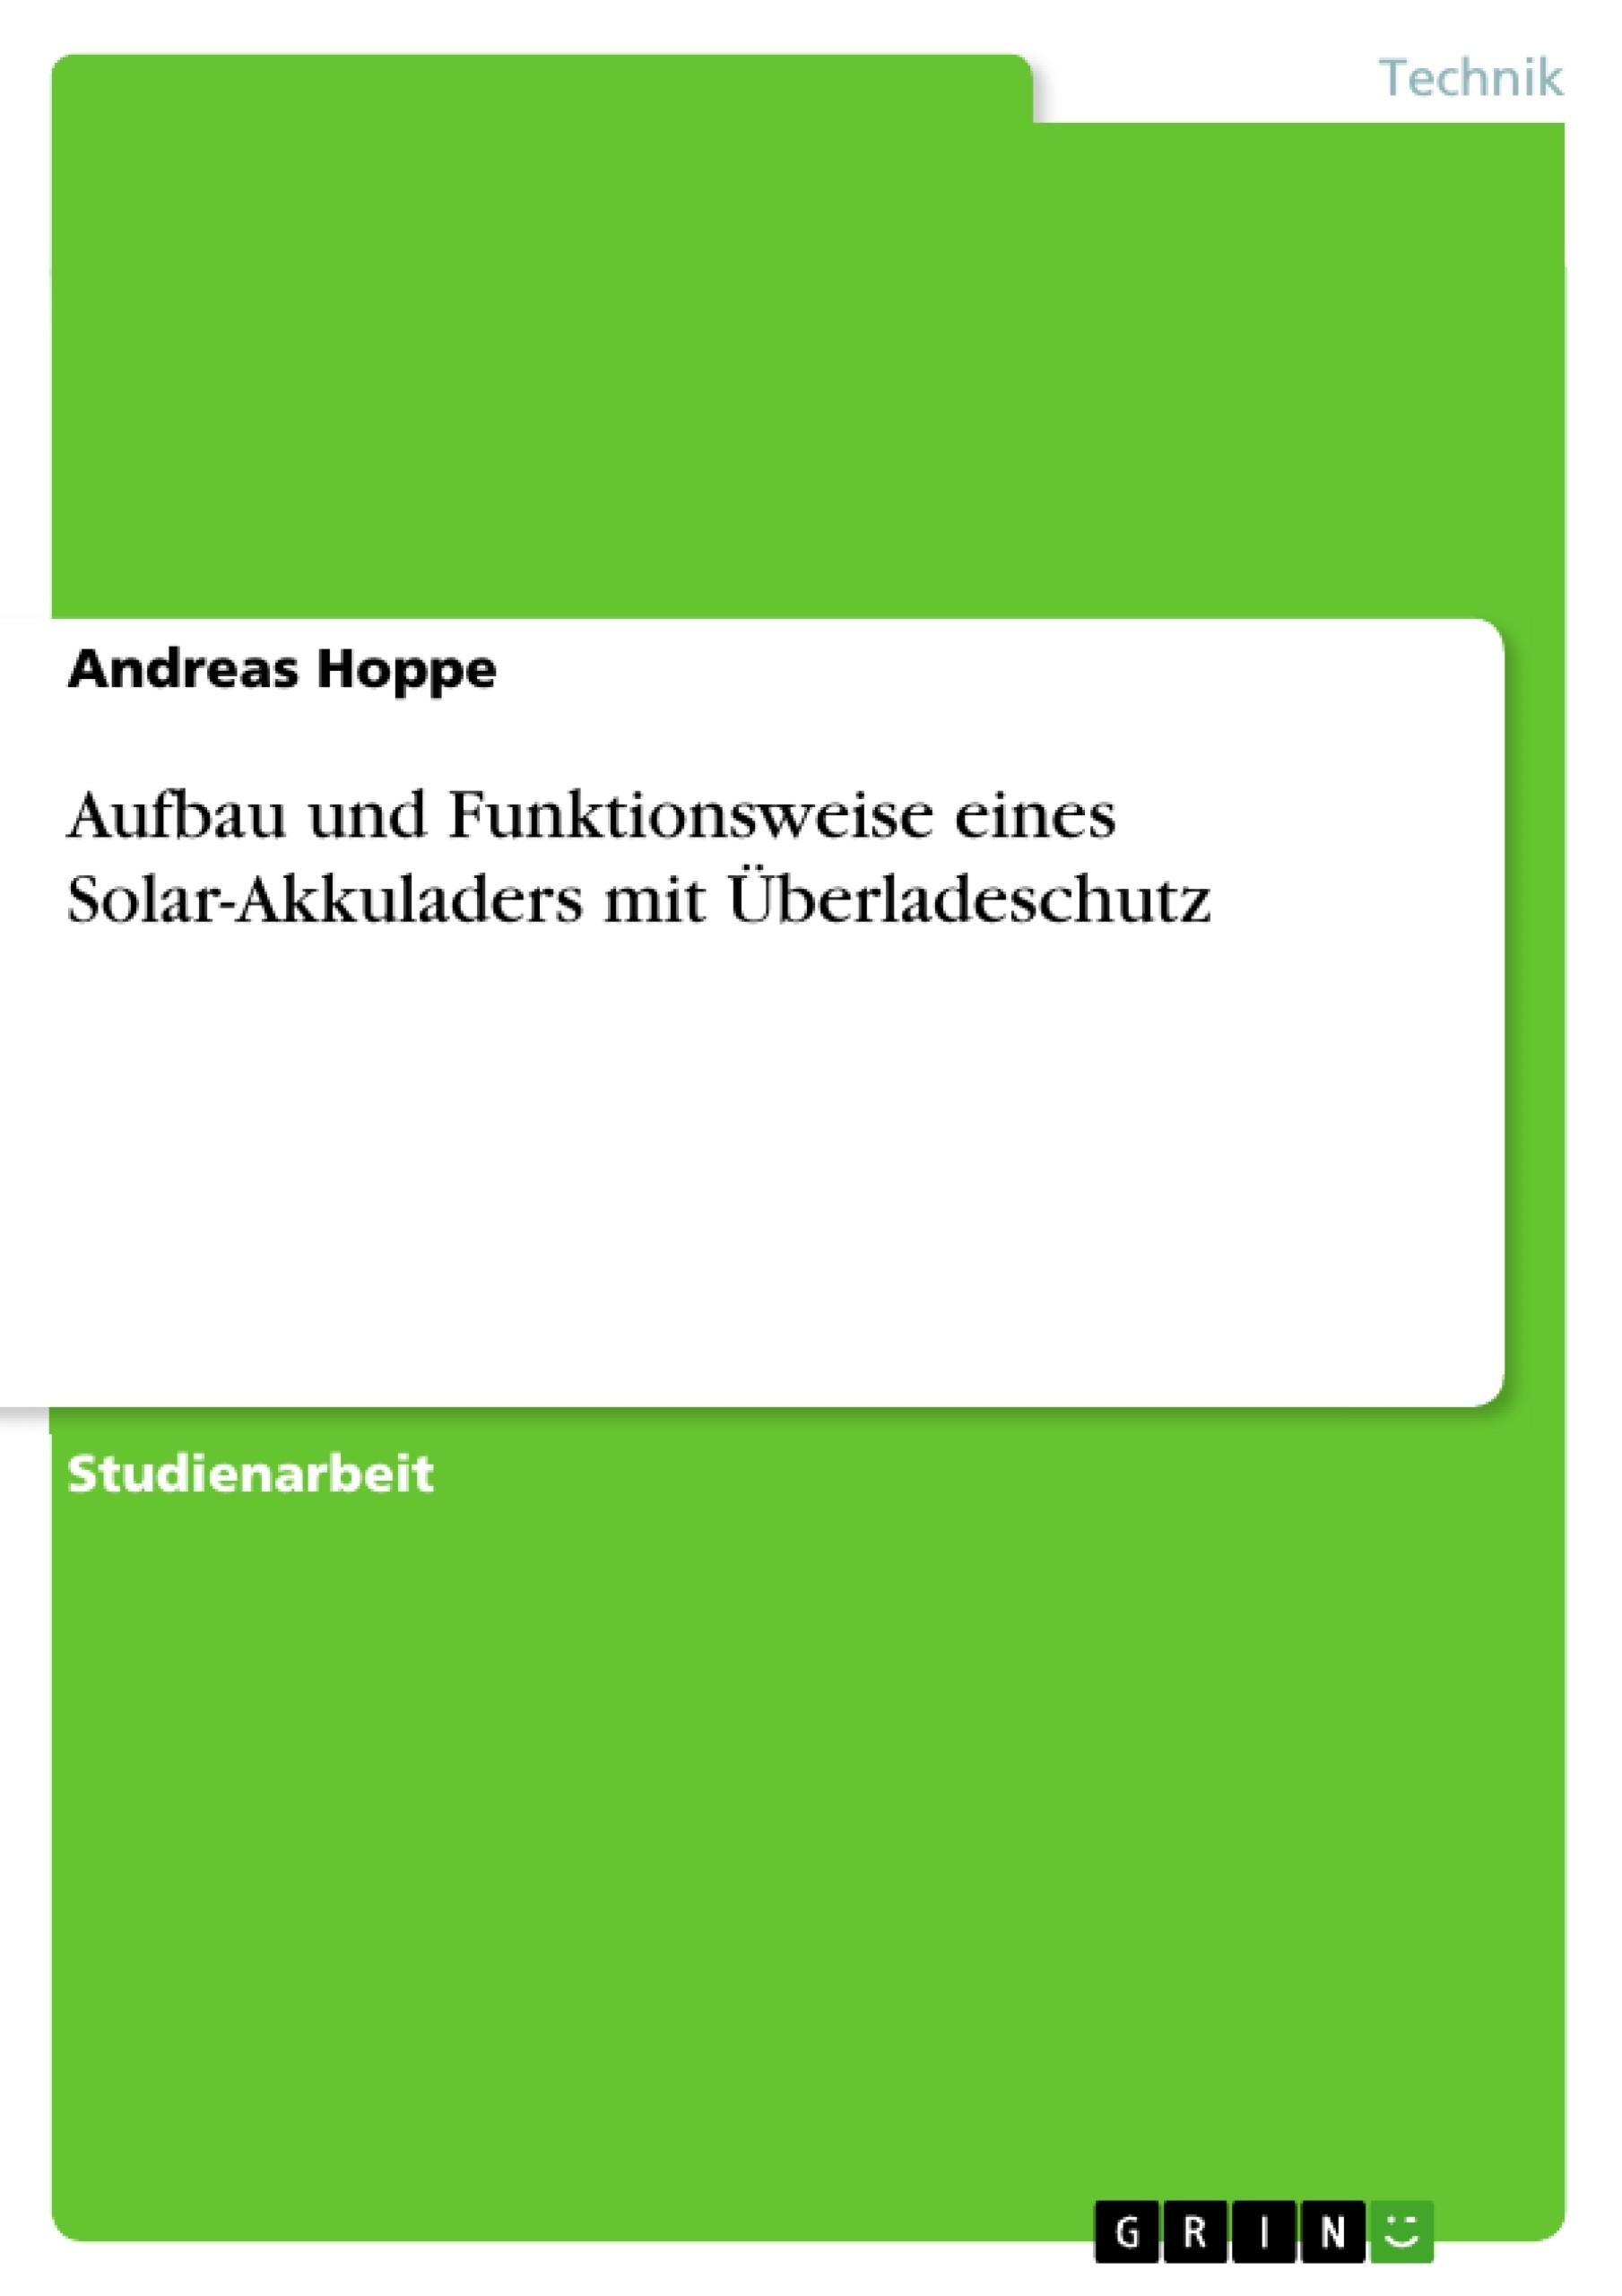 Titel: Aufbau und Funktionsweise eines Solar-Akkuladers mit Überladeschutz